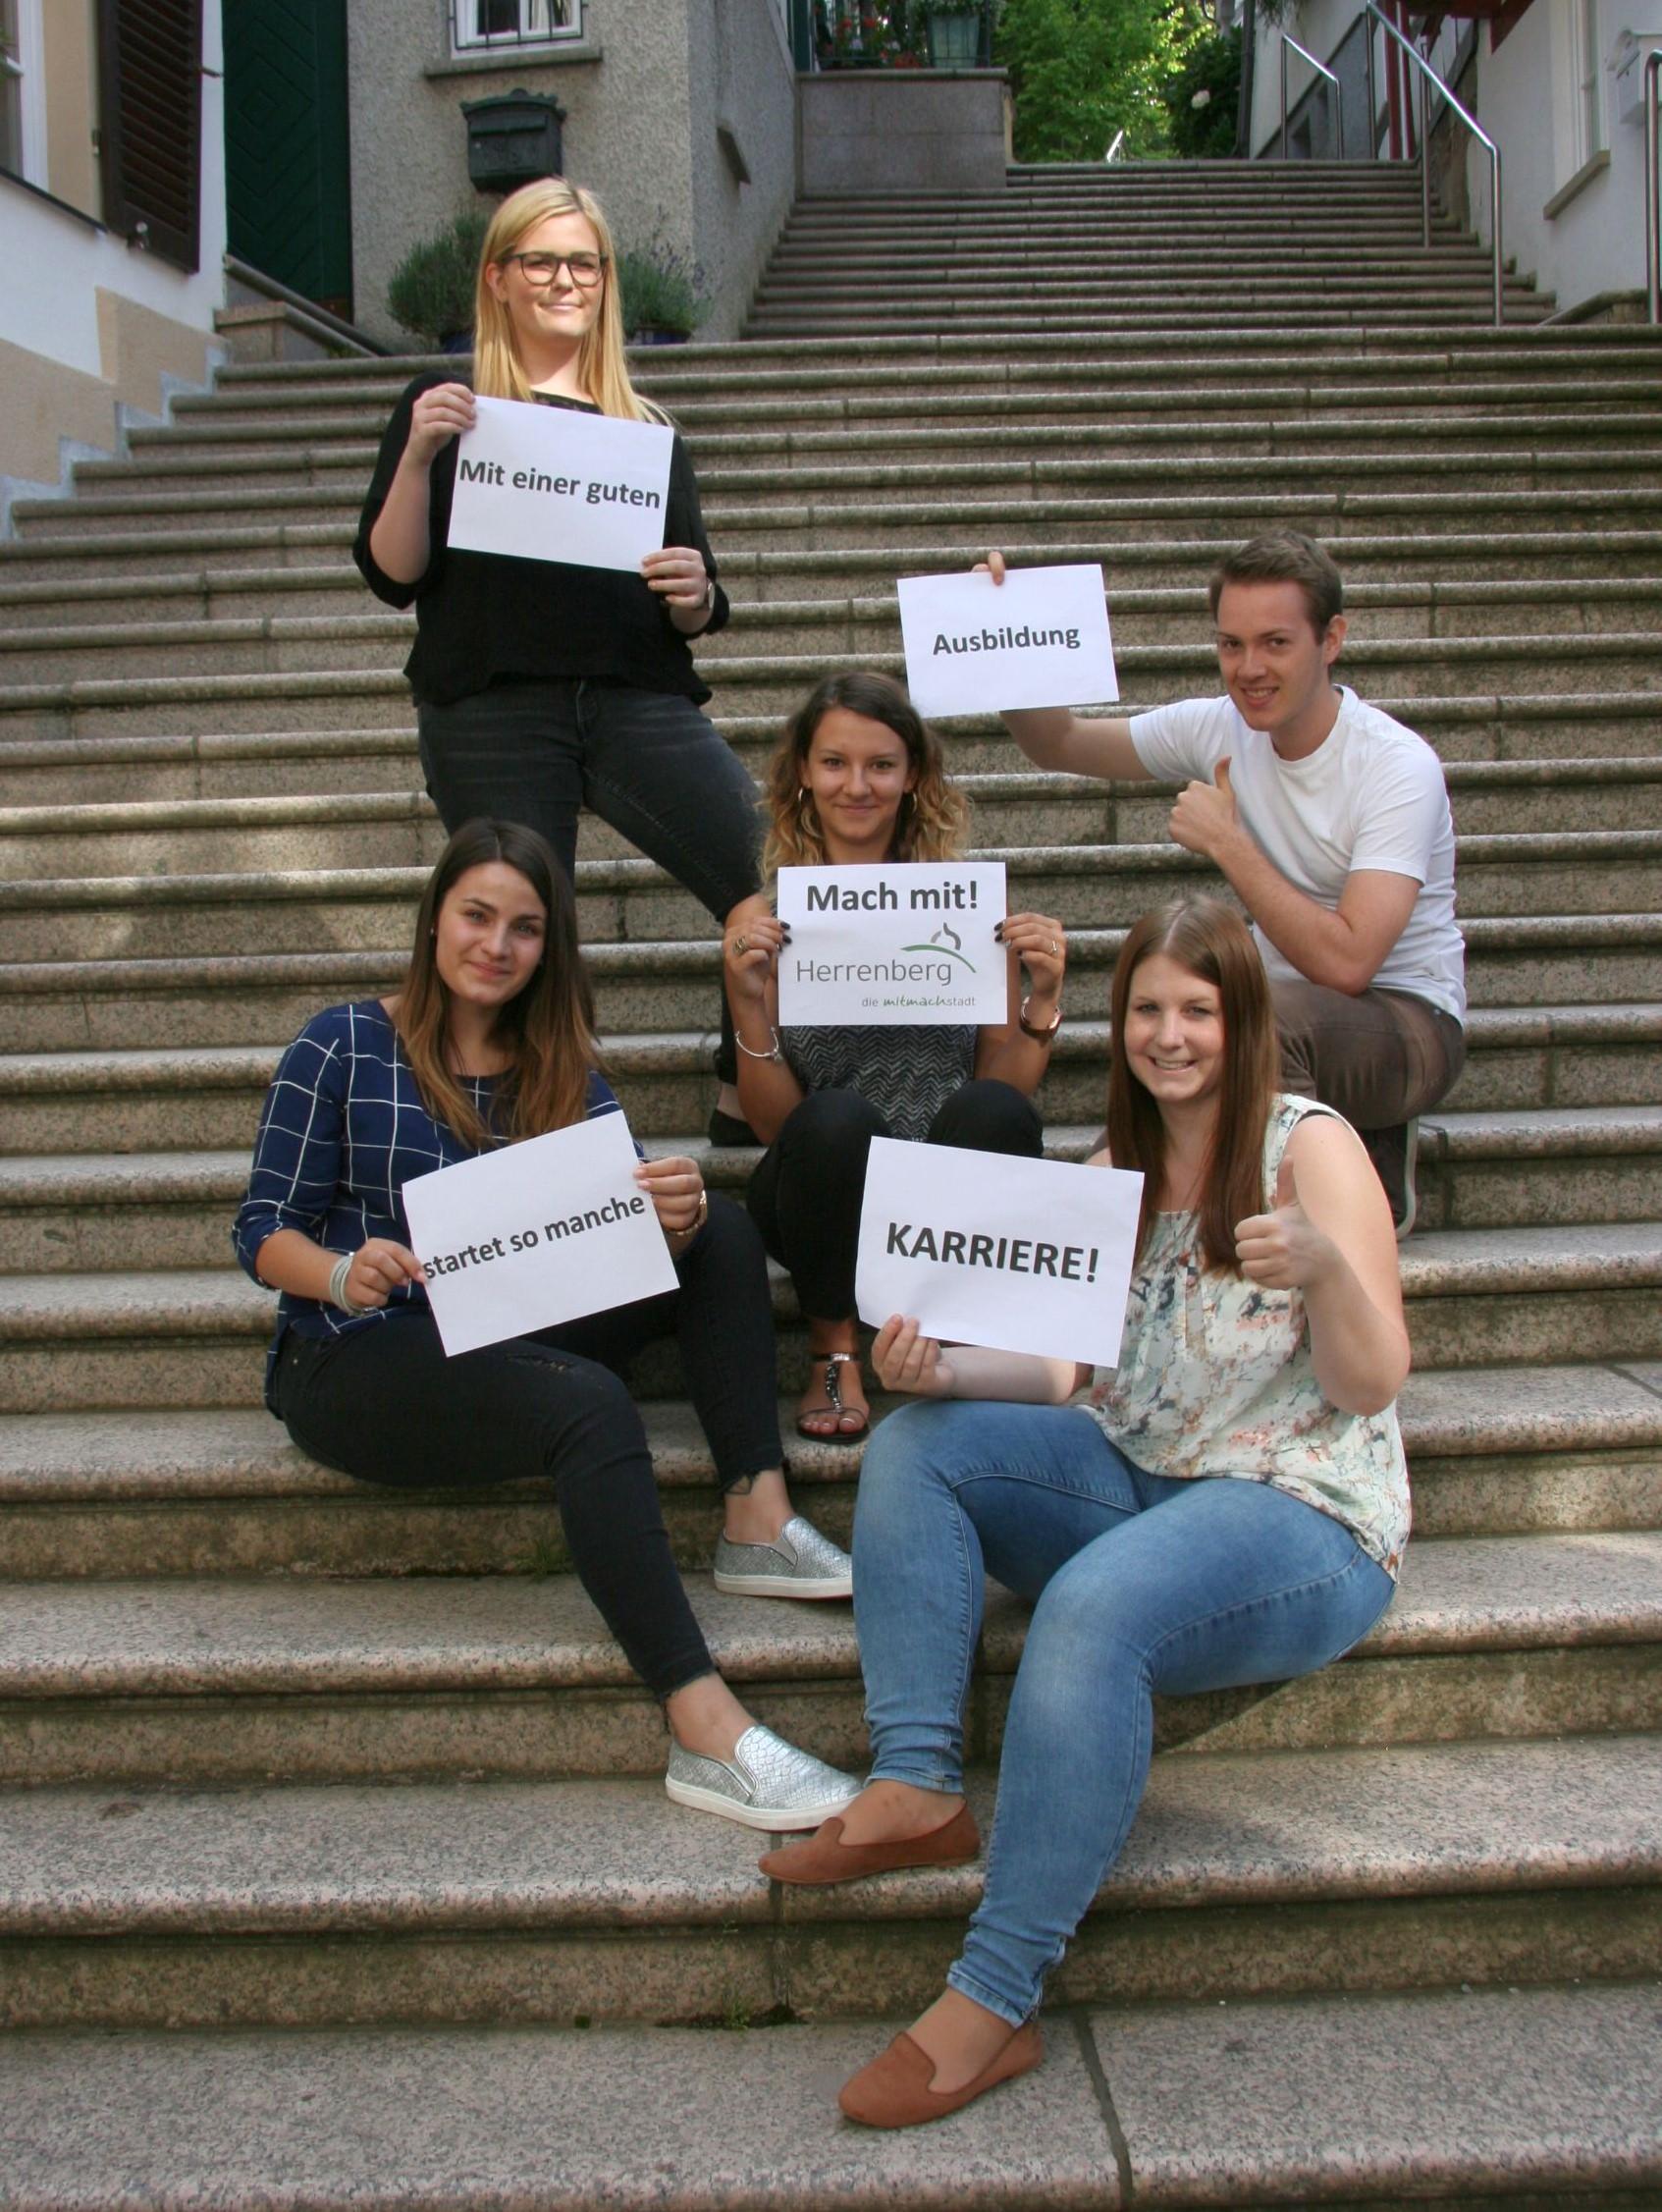 In den Osterferien bietet die Stadtverwaltung interessierten Schülerinnen und Schülern ein Praktikum an.